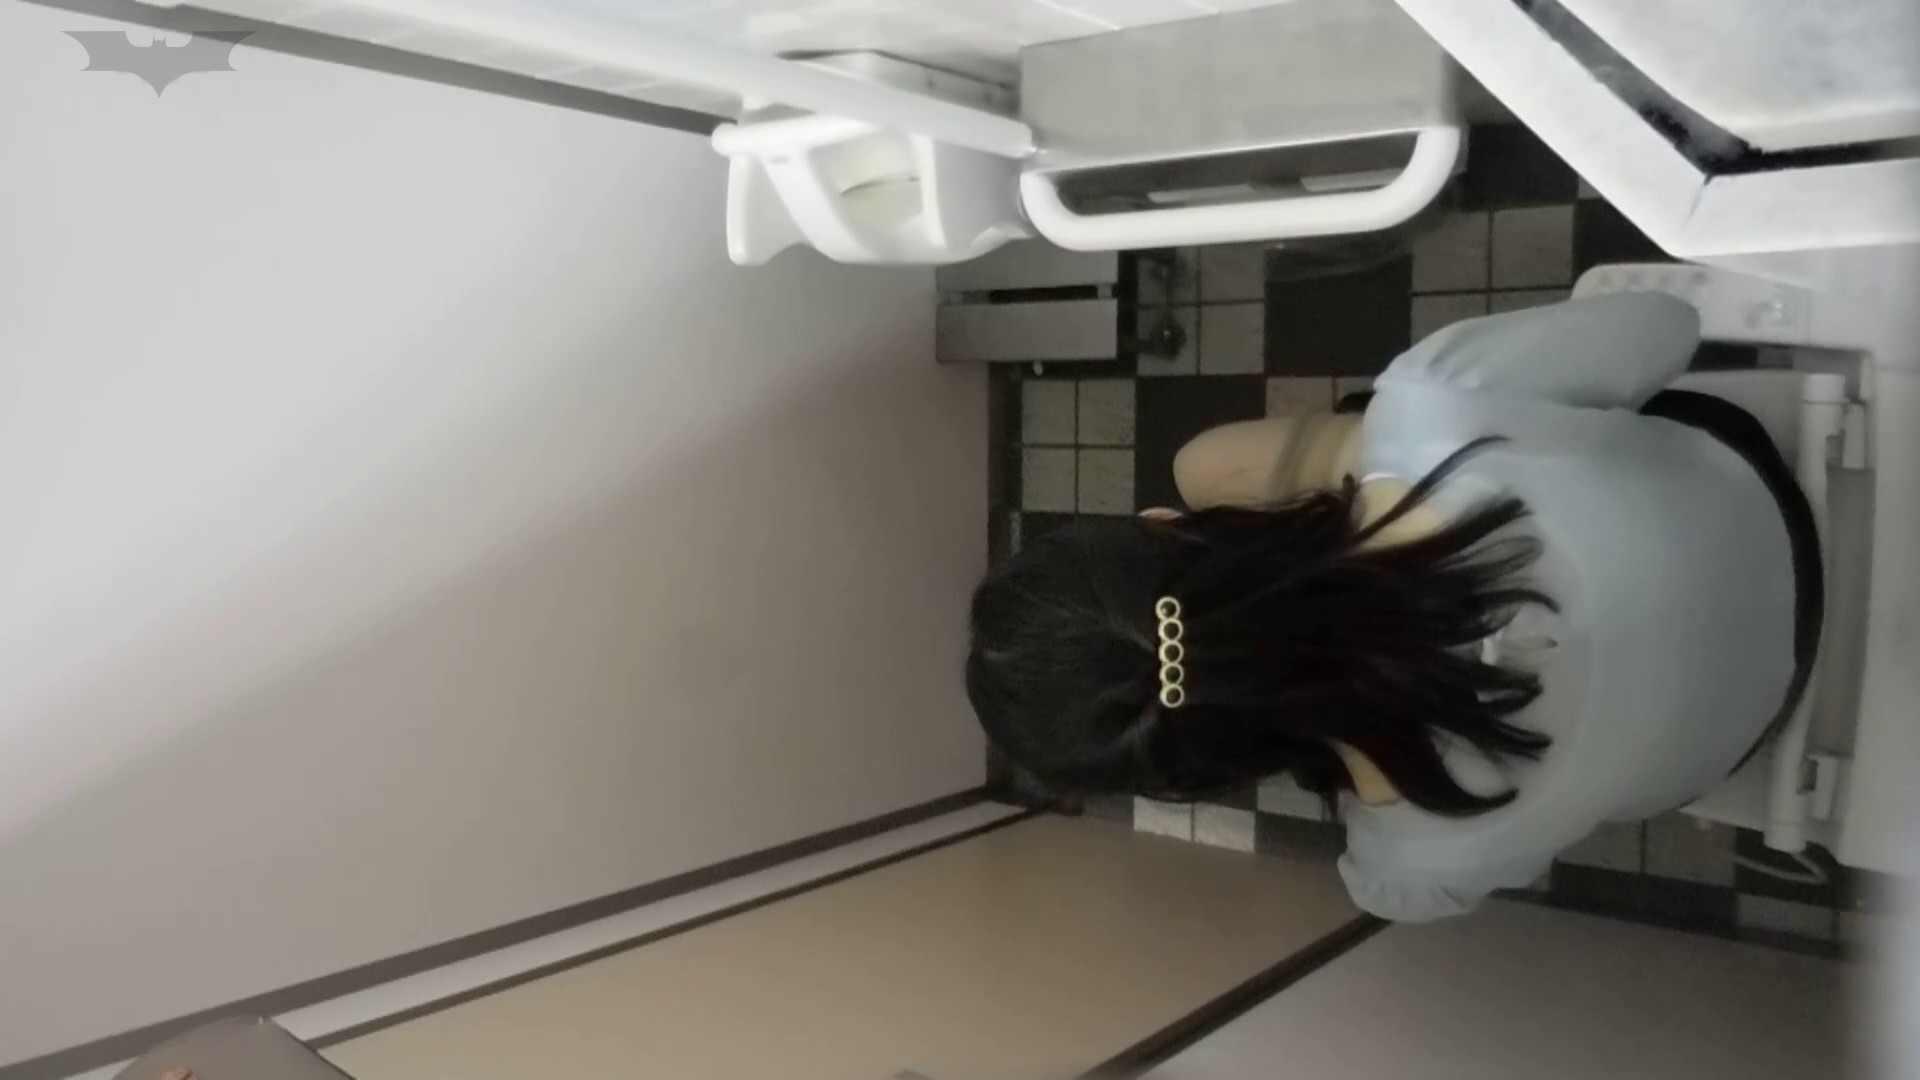 化粧室絵巻 駅舎編 VOL.21 ヨリドリミドリ!!選びたい放題です。 OL  111pic 46